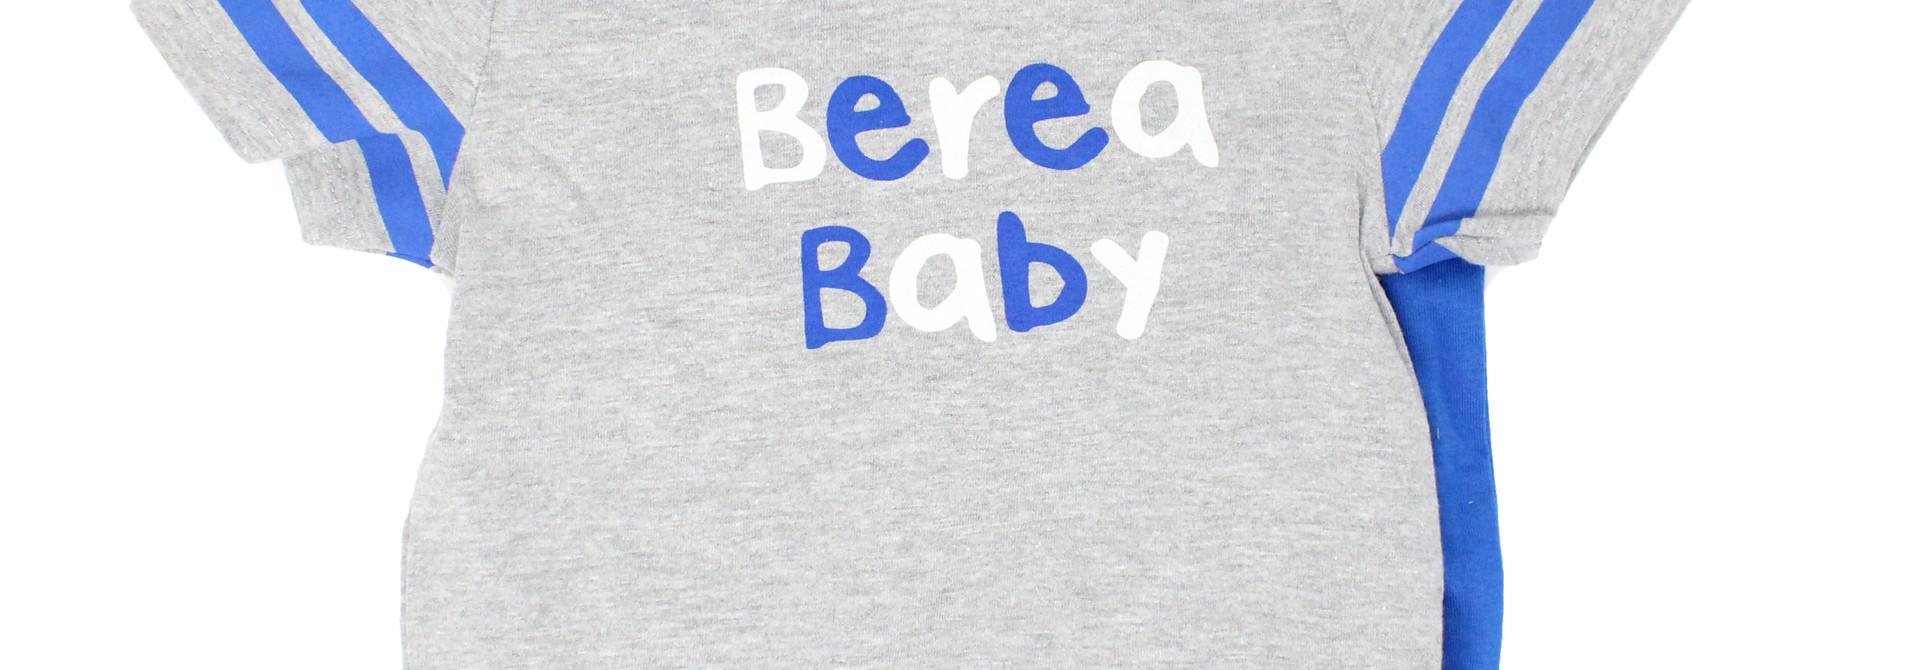 Berea Baby 2-Pack Onesie